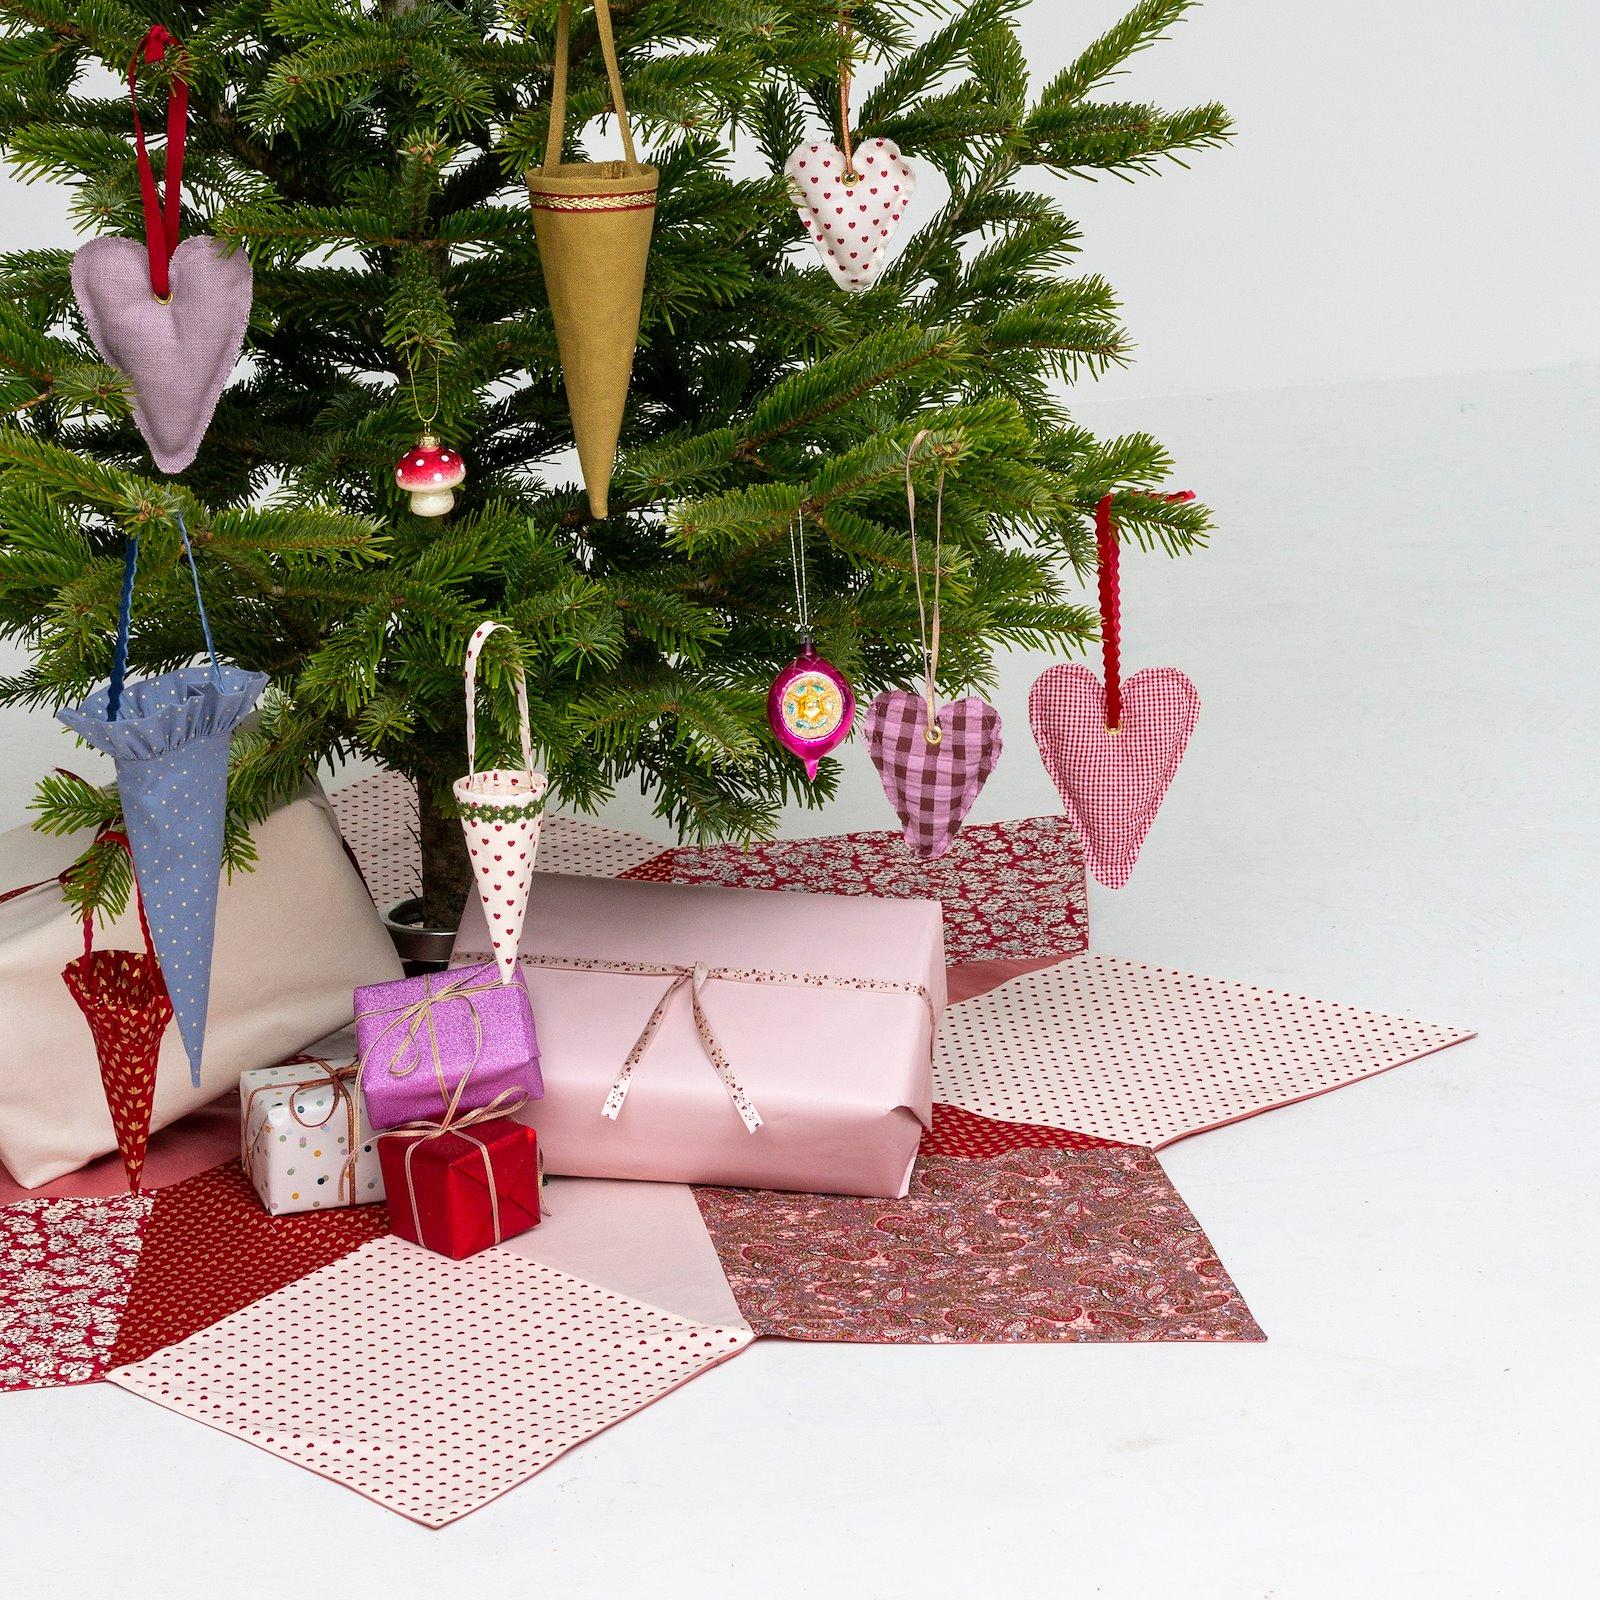 Weihnachtsschmuck p90333_852412_852397_410146_852399_bundle